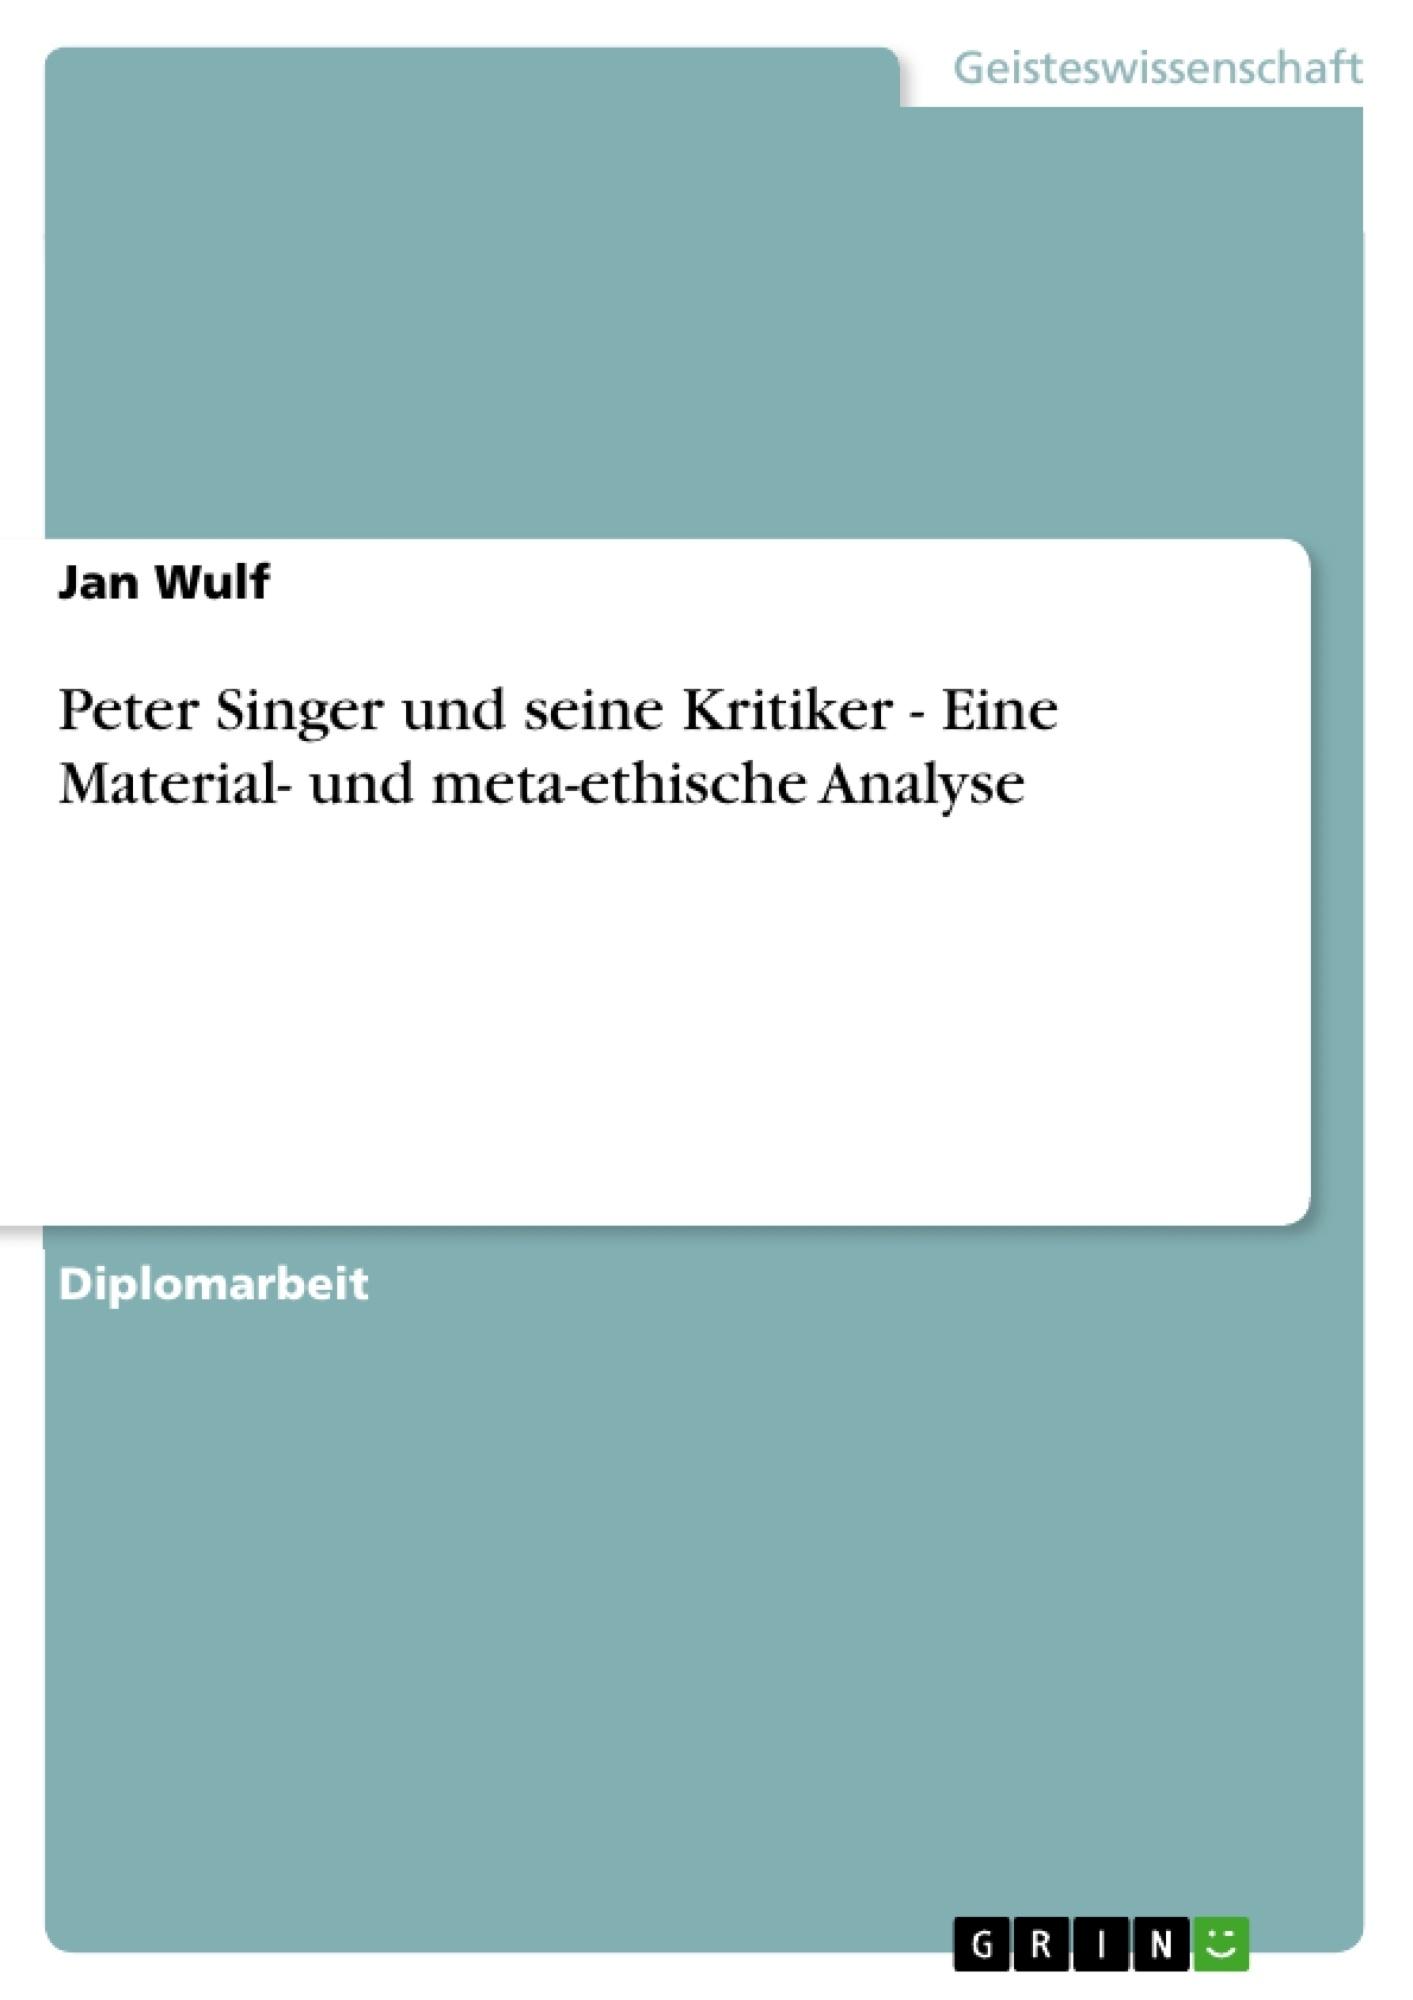 Titel: Peter Singer und seine Kritiker - Eine Material- und meta-ethische Analyse